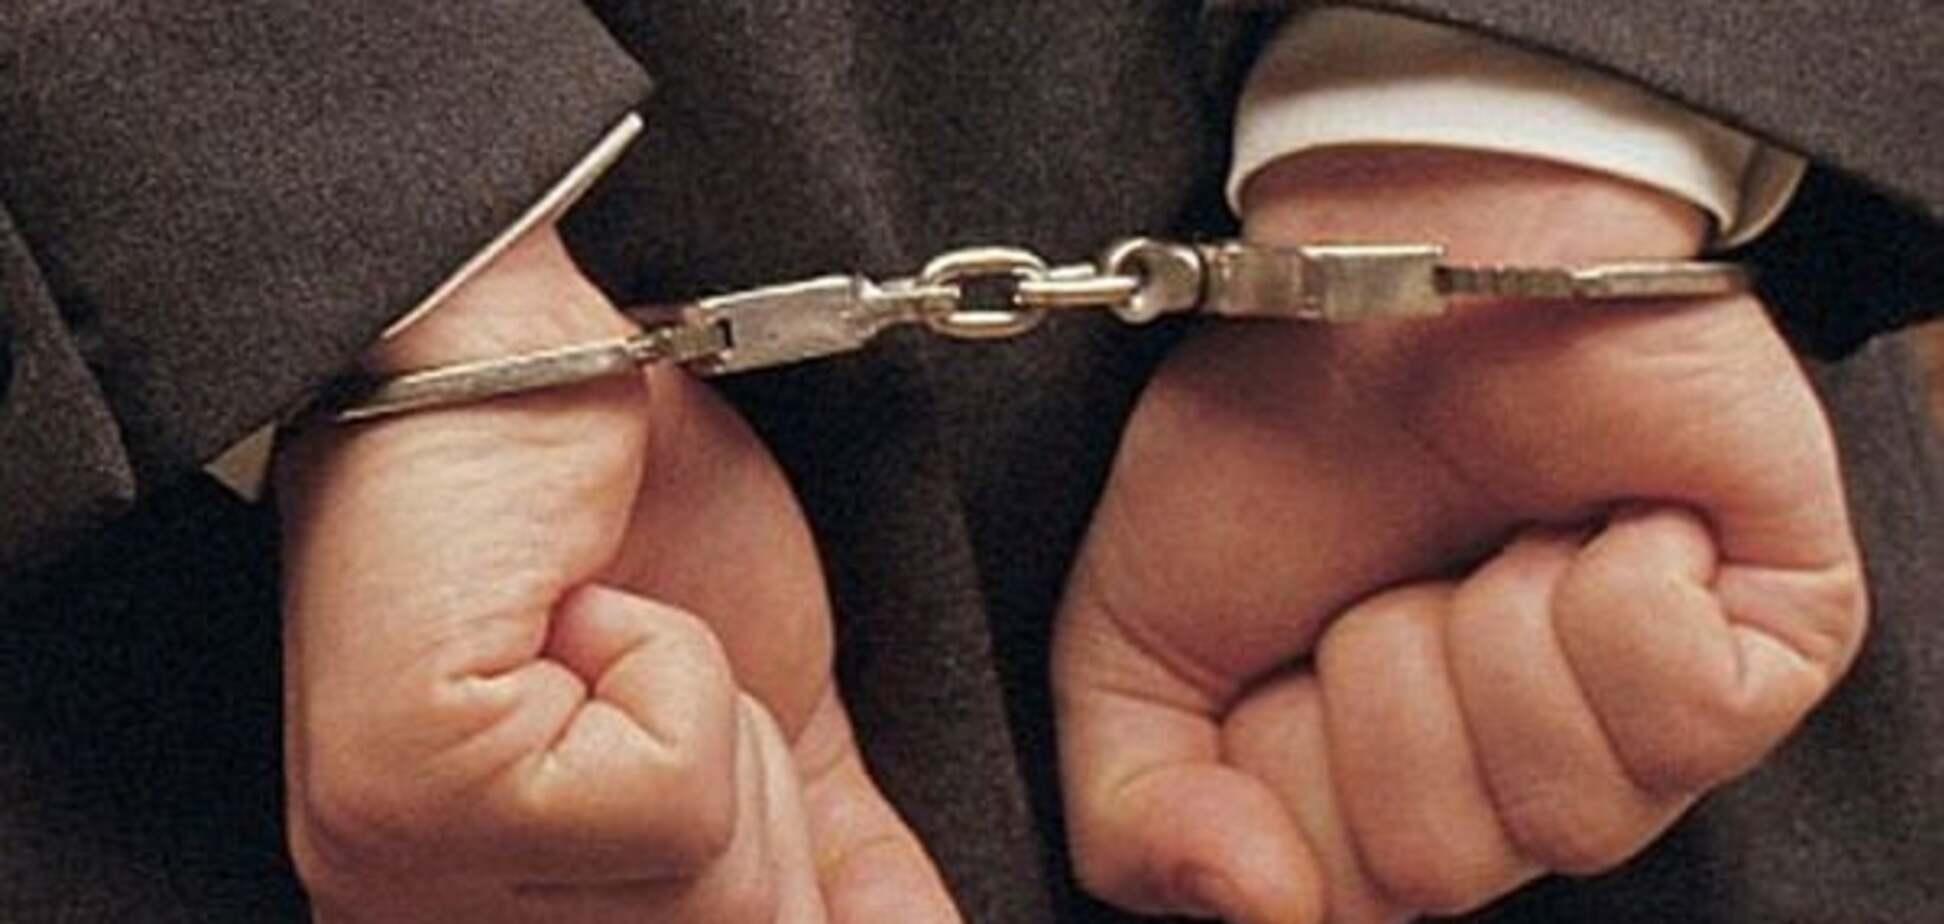 В Израиле задержали ближайшего партнера одиозного Кауфмана